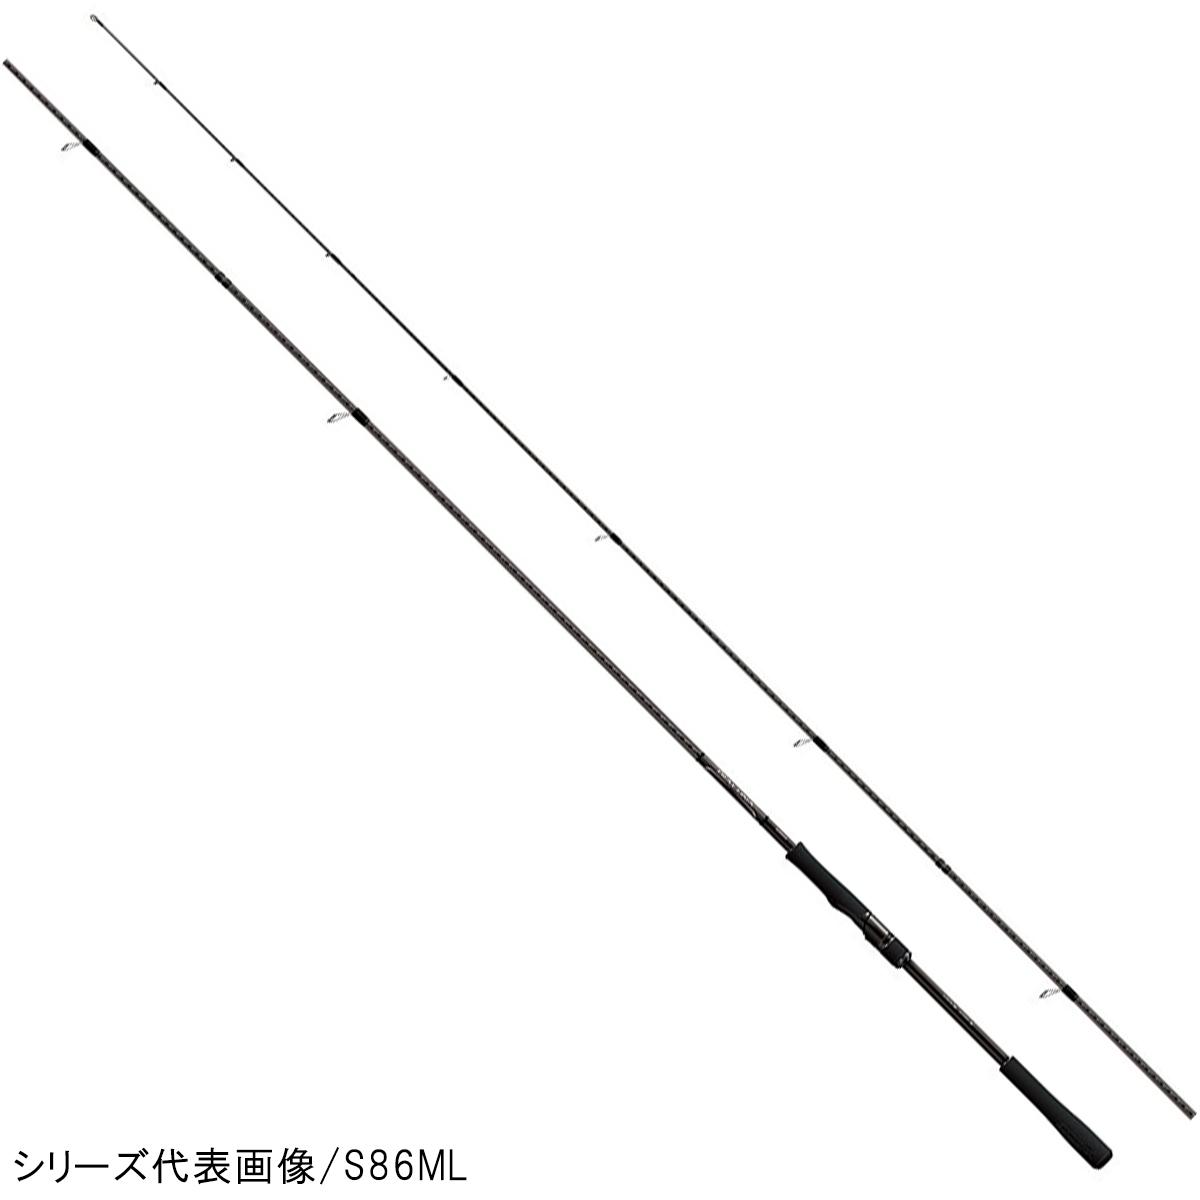 シマノ ディアルーナ (スピニング) S86L-S【大型商品】(東日本店)